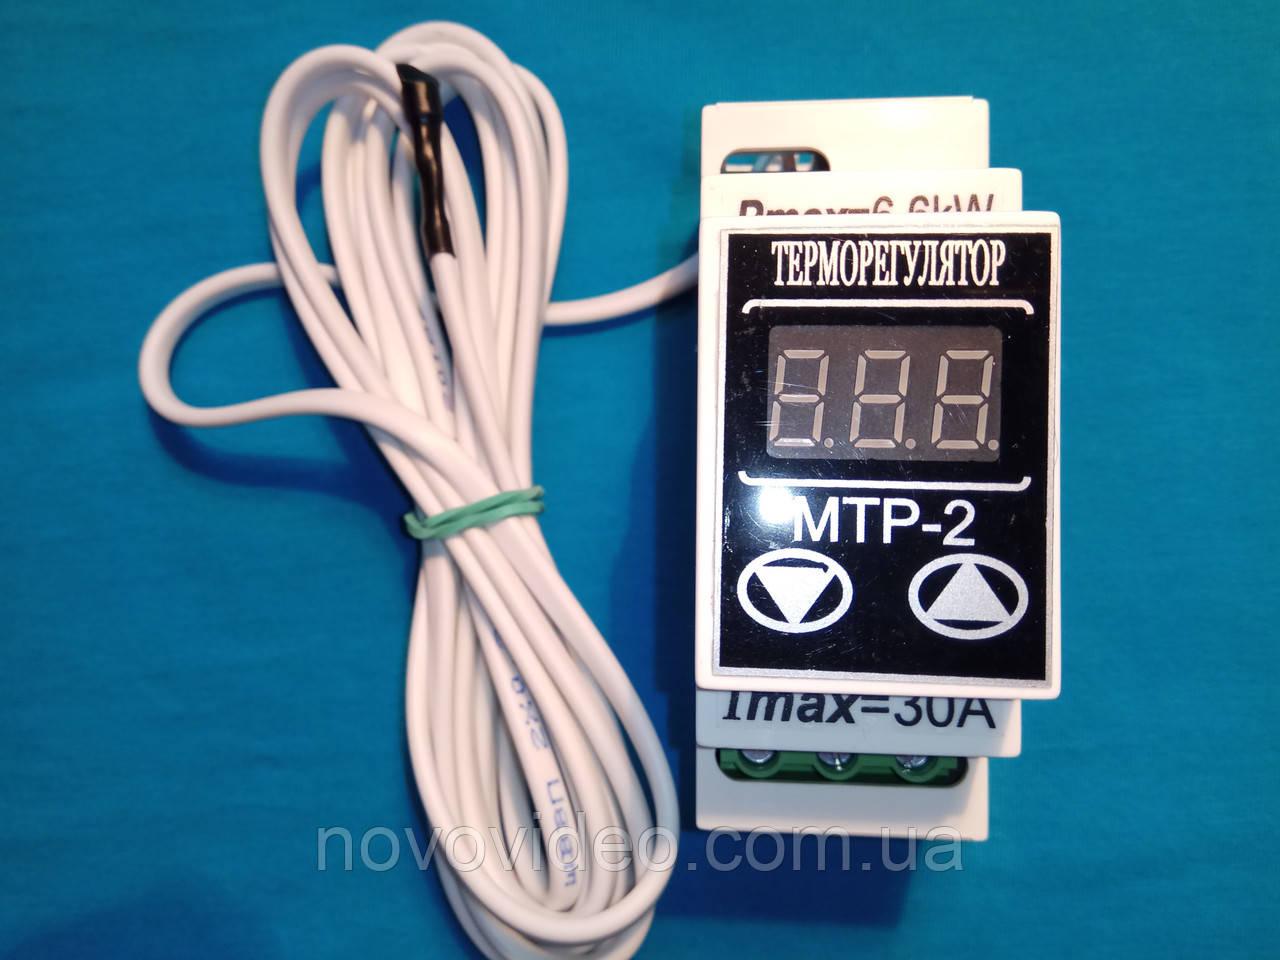 Терморегулятор МТР-2 на 30 А на DIN рейку от -54 до +124 грд